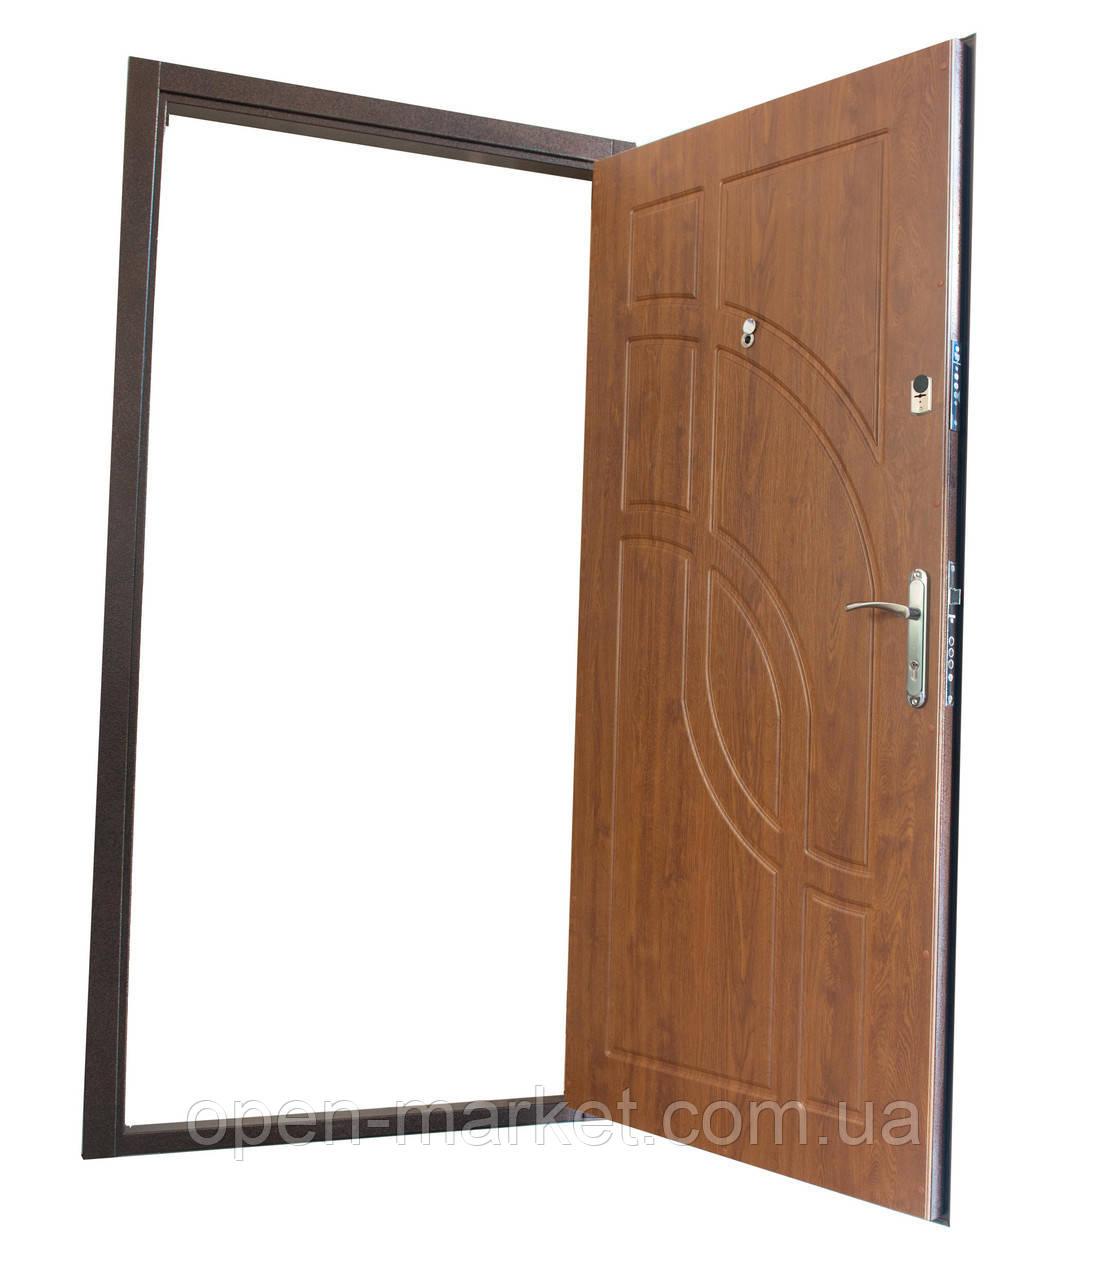 Двери уличные Чапаевка Николаевская область